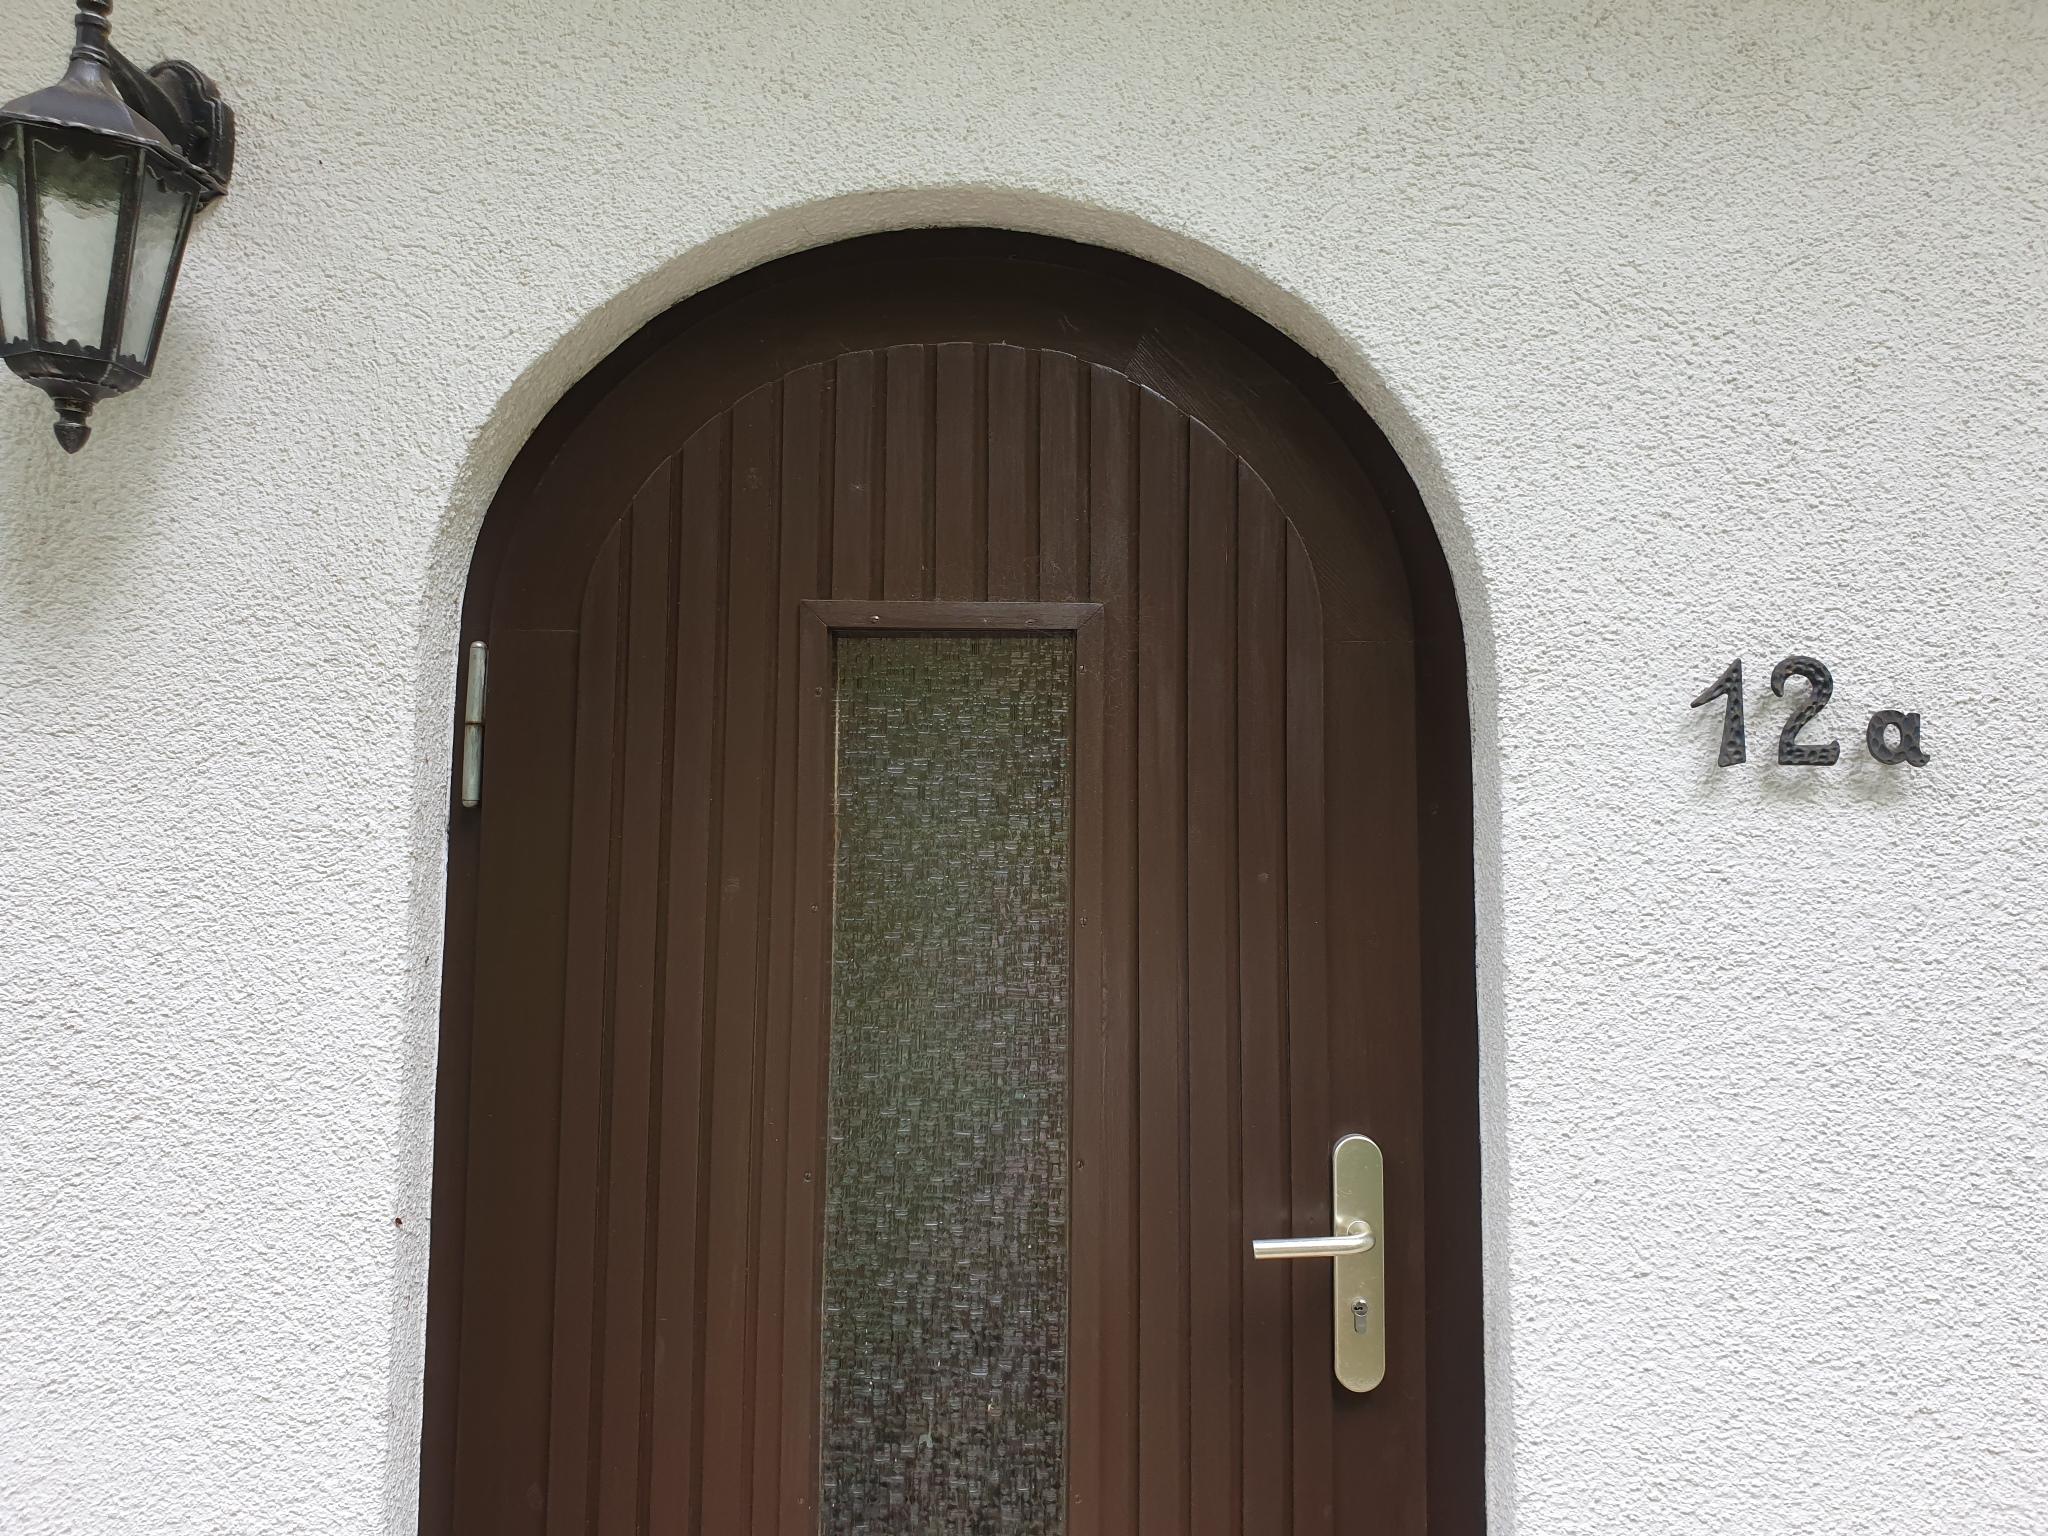 Ferienhaus Gudrun (Eisenach). FW1 Wartburgblick (7 Ferienwohnung in Thüringen